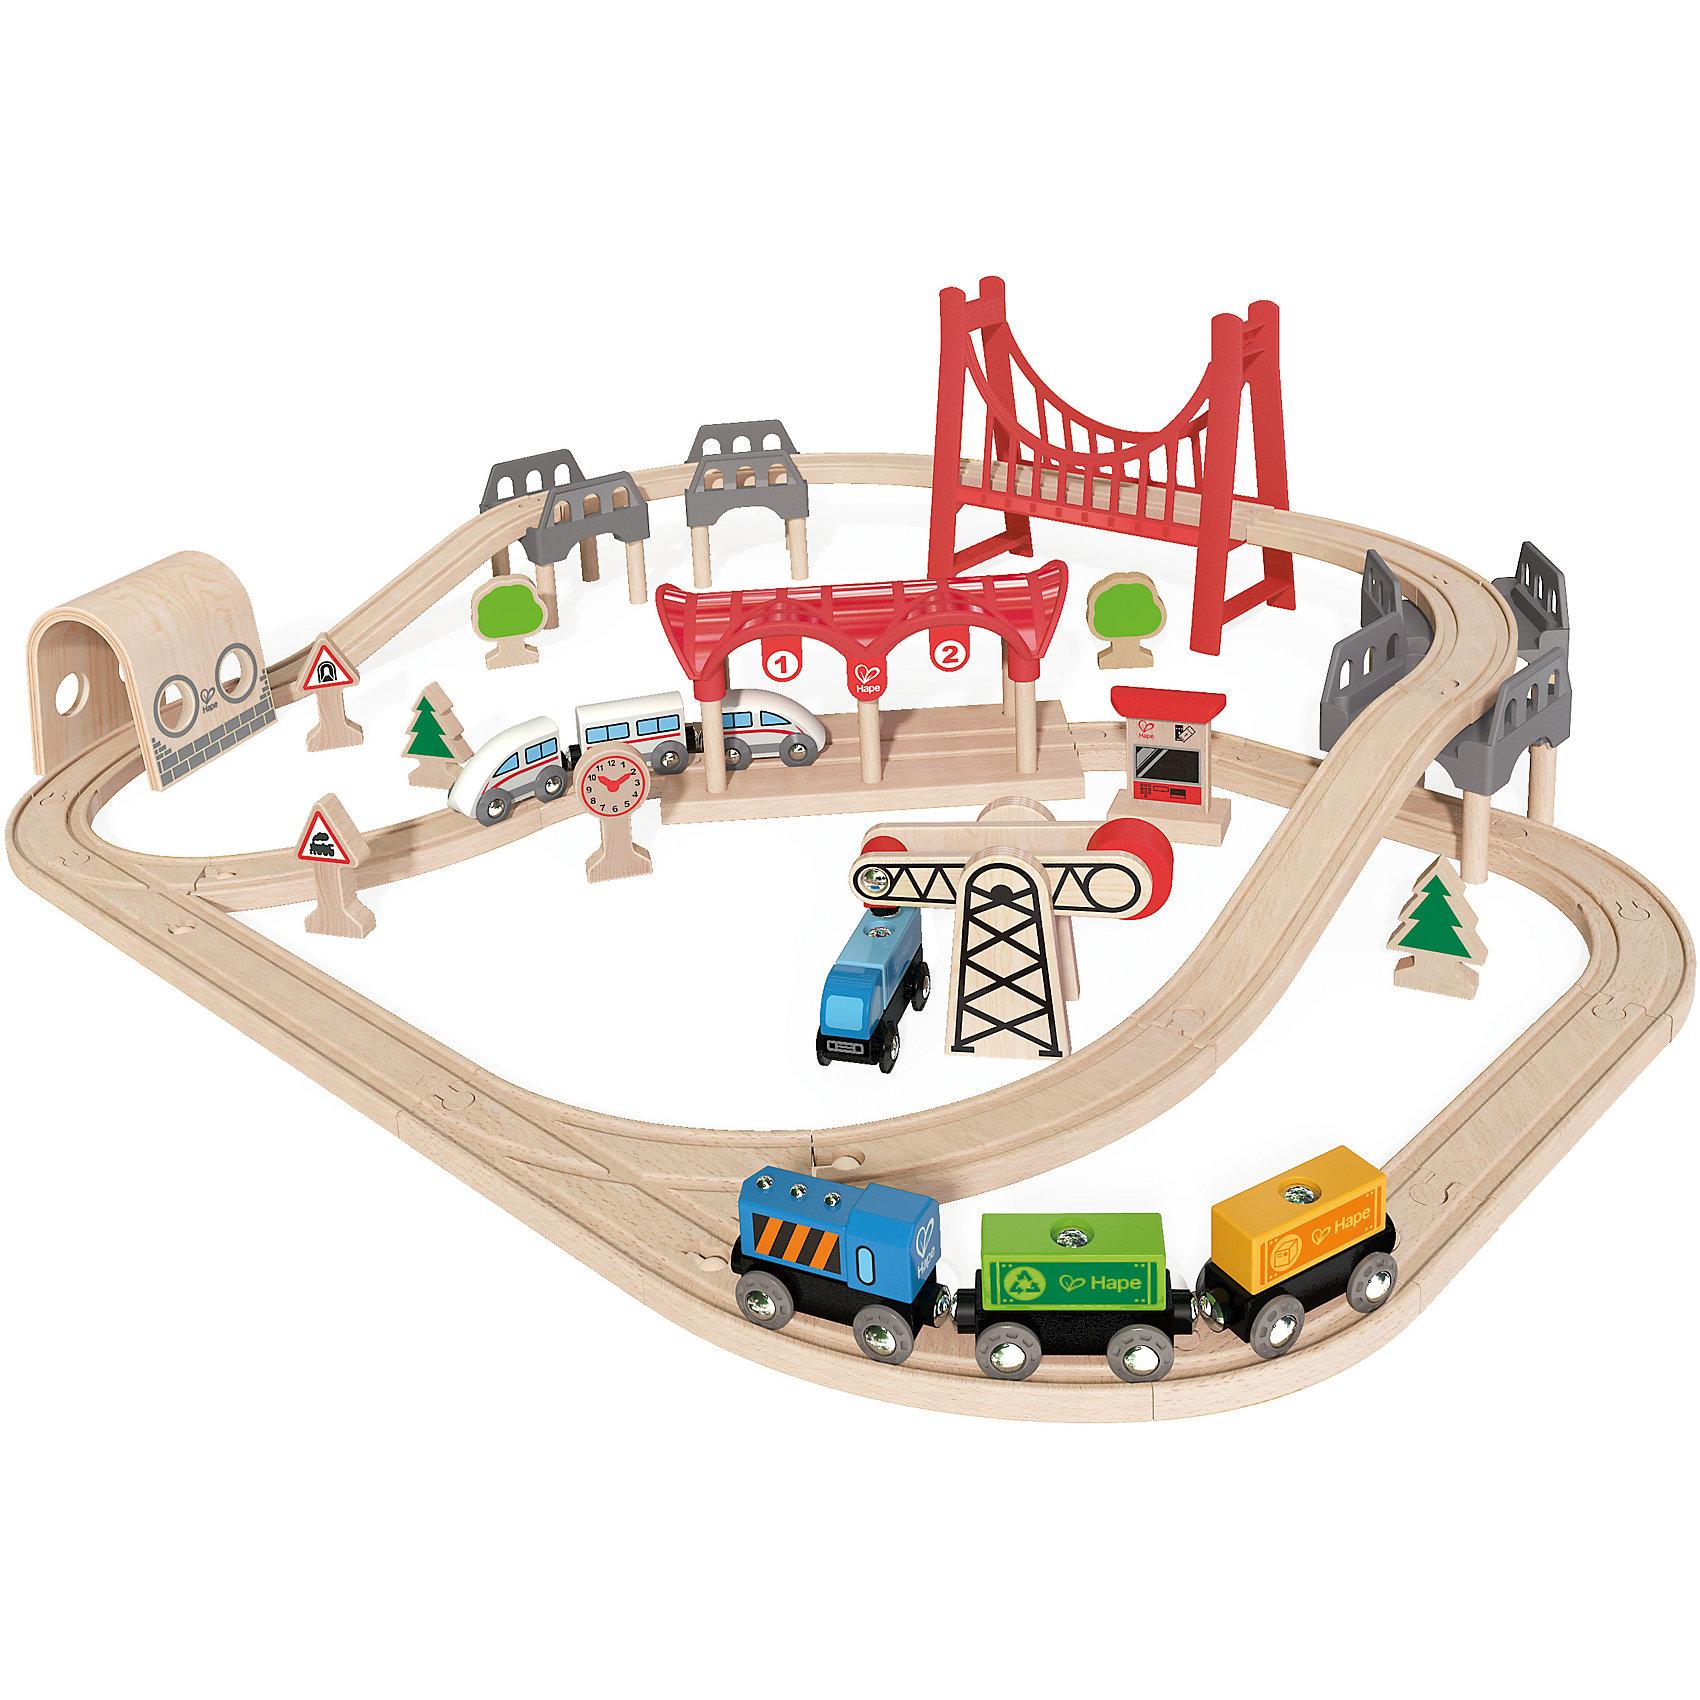 Игровой набор Железная дорога, HapeИгрушечная железная дорога<br>Игровой набор Железная дорога, Hape (Хейп).<br><br>Характеристики:<br><br>- В наборе: элементы для сборки железной дороги, арочный мост, вантовый мост, депо, 2 состава (грузовой и пассажирский), машинка, деревья, часы, железнодорожные знаки, погрузчик<br>- Количество деталей: 63<br>- Размер в собранном виде: 85х70х20 см.<br>- Материал: древесина<br>- Размер упаковки: 48х15х45 см.<br><br>Игровой набор Железная дорога от Hape (Хейп) – мечта любого мальчишки! Набор состоит из железной дороги в виде двойной петли с арочным и вантовым мостом, пассажирского и грузового составов, депо и дополнительных элементов – погрузчика, часов, машинки, фигурок в виде деревьев и железнодорожных знаков. Железная дорога собирается из отдельных элементов по принципу пазла. Затруднений со сборкой железнодорожного полотна у ребенка не возникнет, так как элементы довольно крупные. Вагоны крепятся друг к другу магнитными элементами, расположенными в передней и задней частях, что позволяет беспрепятственно отсоединять их, комбинировать по ходу игры. Набор изготовлен из отлично отшлифованного, натурального дерева, окрашенного нетоксичной краской. Играя с набором Железная дорога, ребенок будет не только получать удовольствие от игры, но и развивать мелкую моторику рук, фантазию, воображение, координацию движений, конструкторские и игровые навыки.<br><br>Игровой набор Железная дорога, Hape (Хейп) можно купить в нашем интернет-магазине.<br><br>Ширина мм: 150<br>Глубина мм: 480<br>Высота мм: 420<br>Вес г: 3500<br>Возраст от месяцев: 36<br>Возраст до месяцев: 84<br>Пол: Мужской<br>Возраст: Детский<br>SKU: 5309151